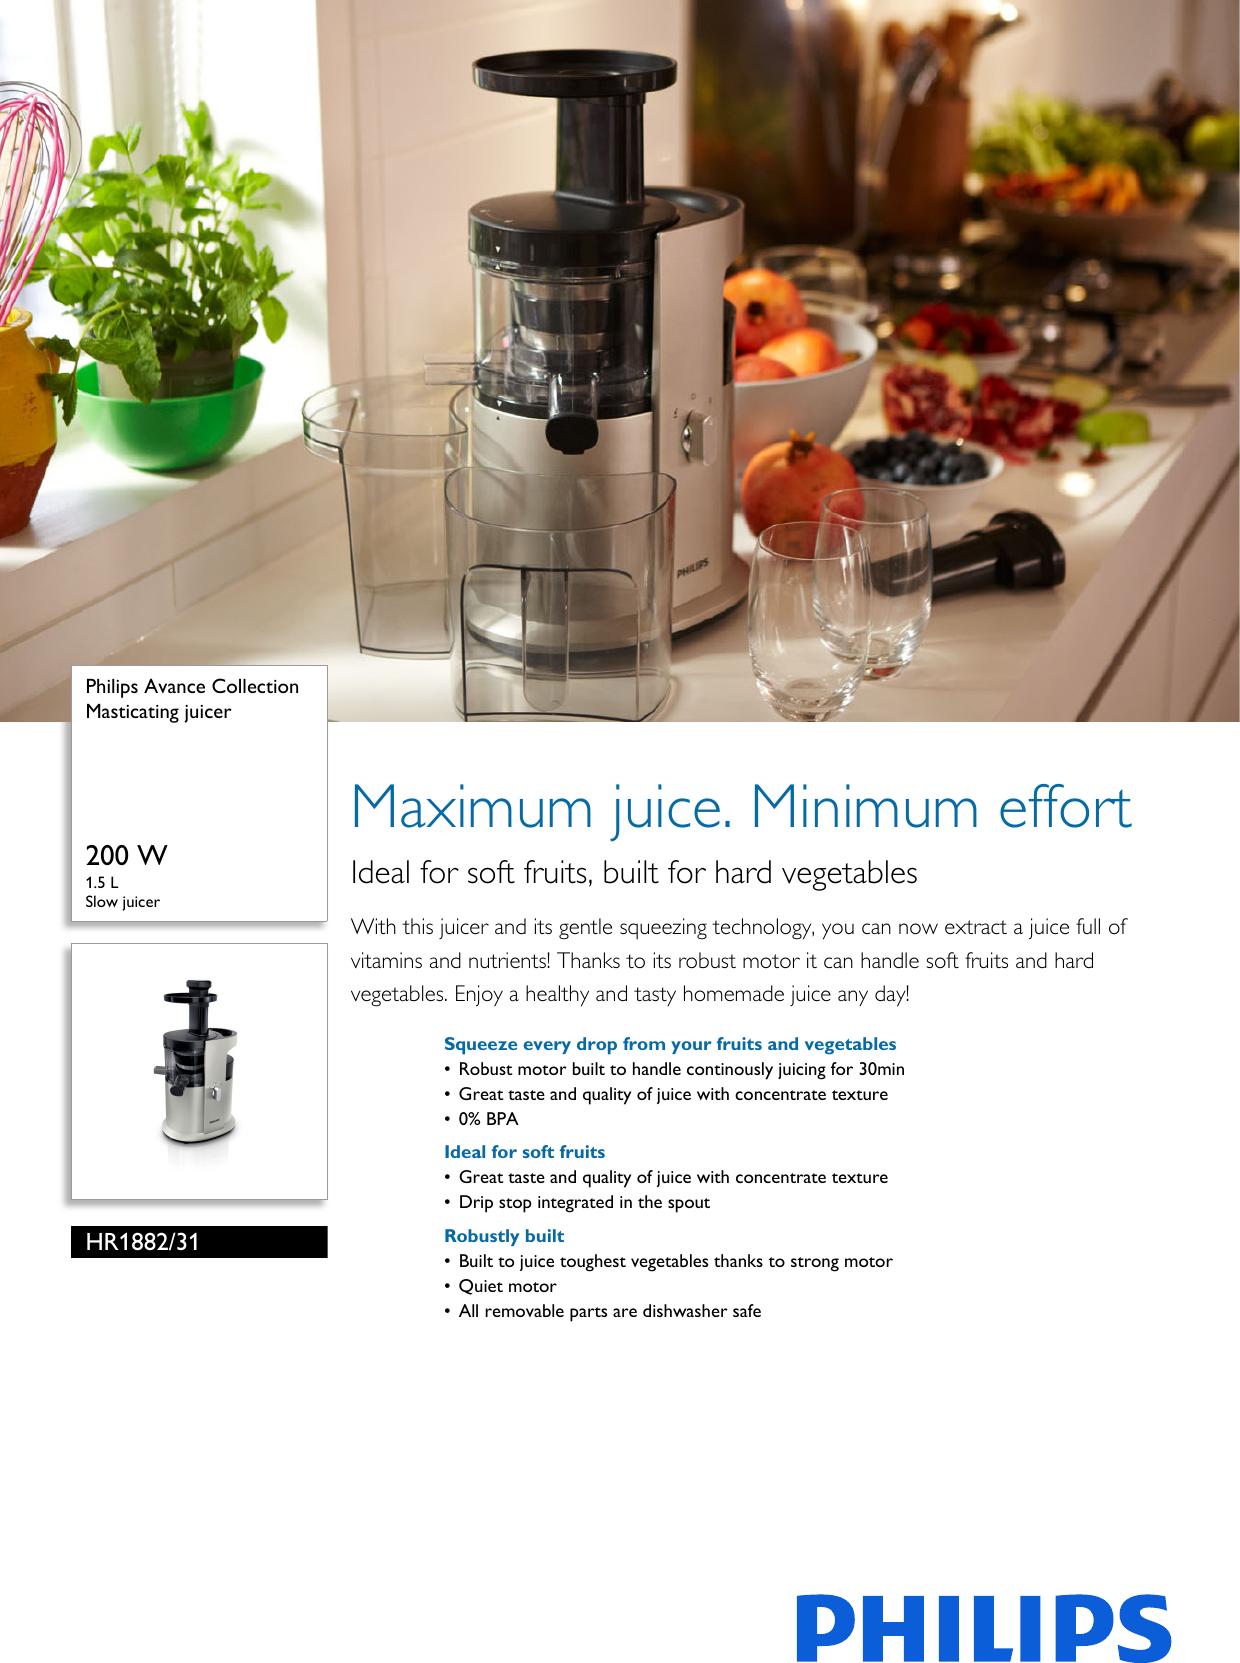 Philips HR188231 Masticating Juicer User Manual Leaflet